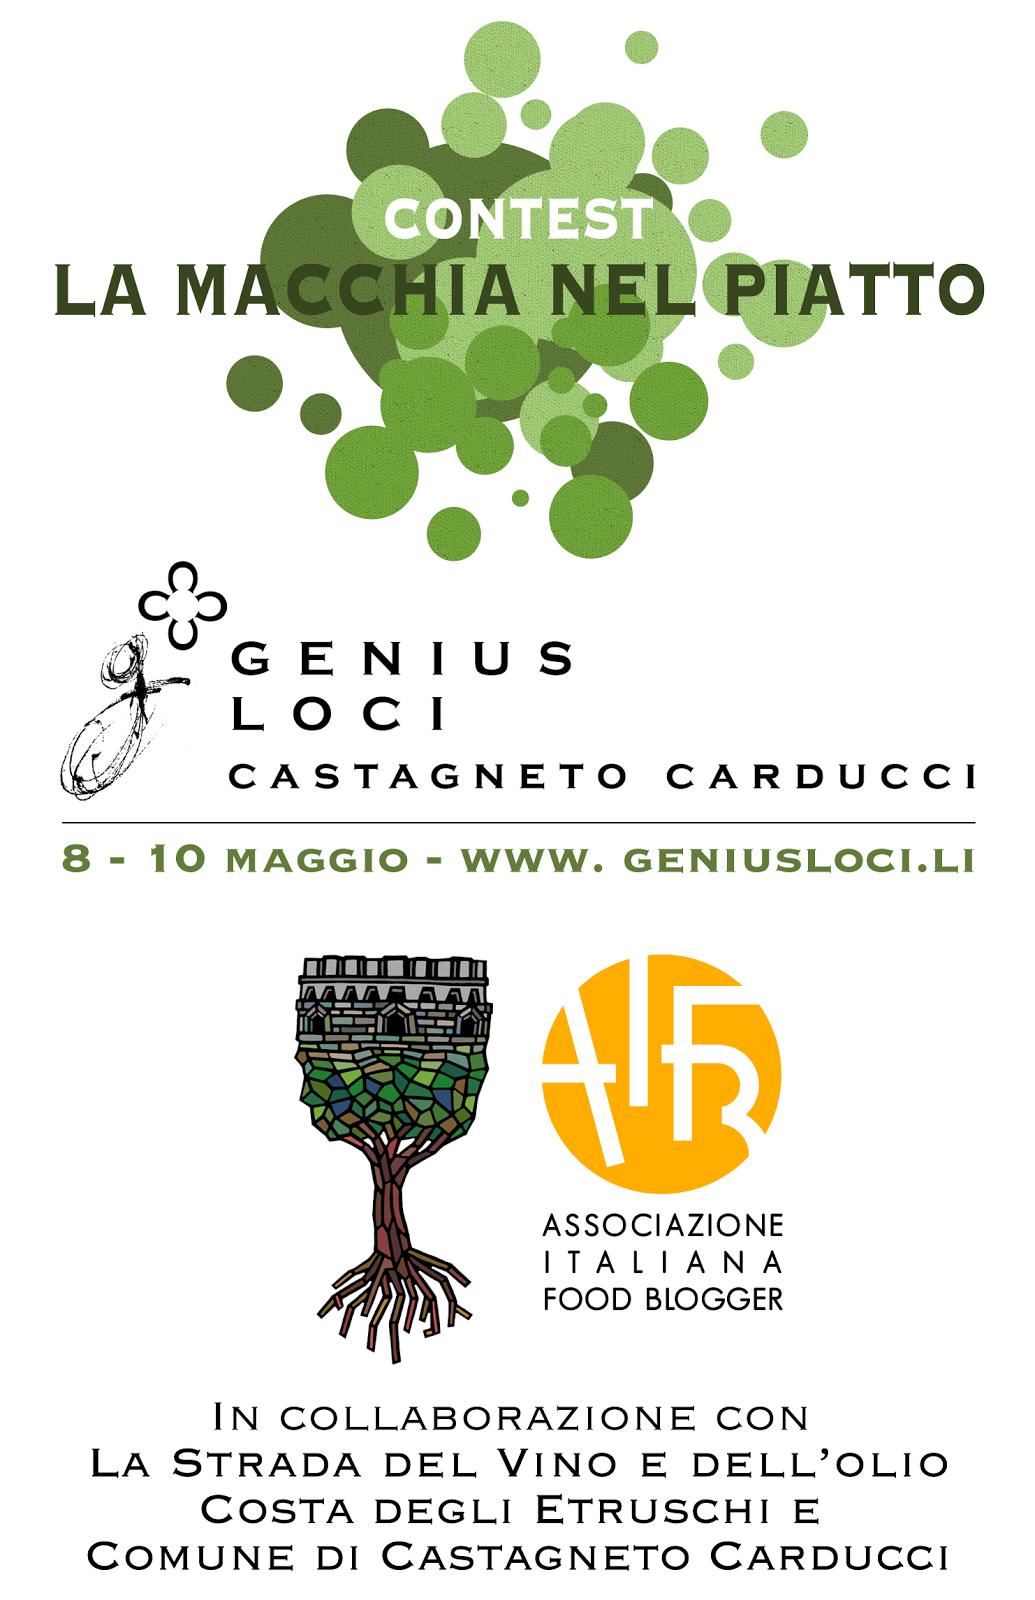 http://www.aifb.it/2015/03/la-macchia-nel-piatto-un-esclusivo.html